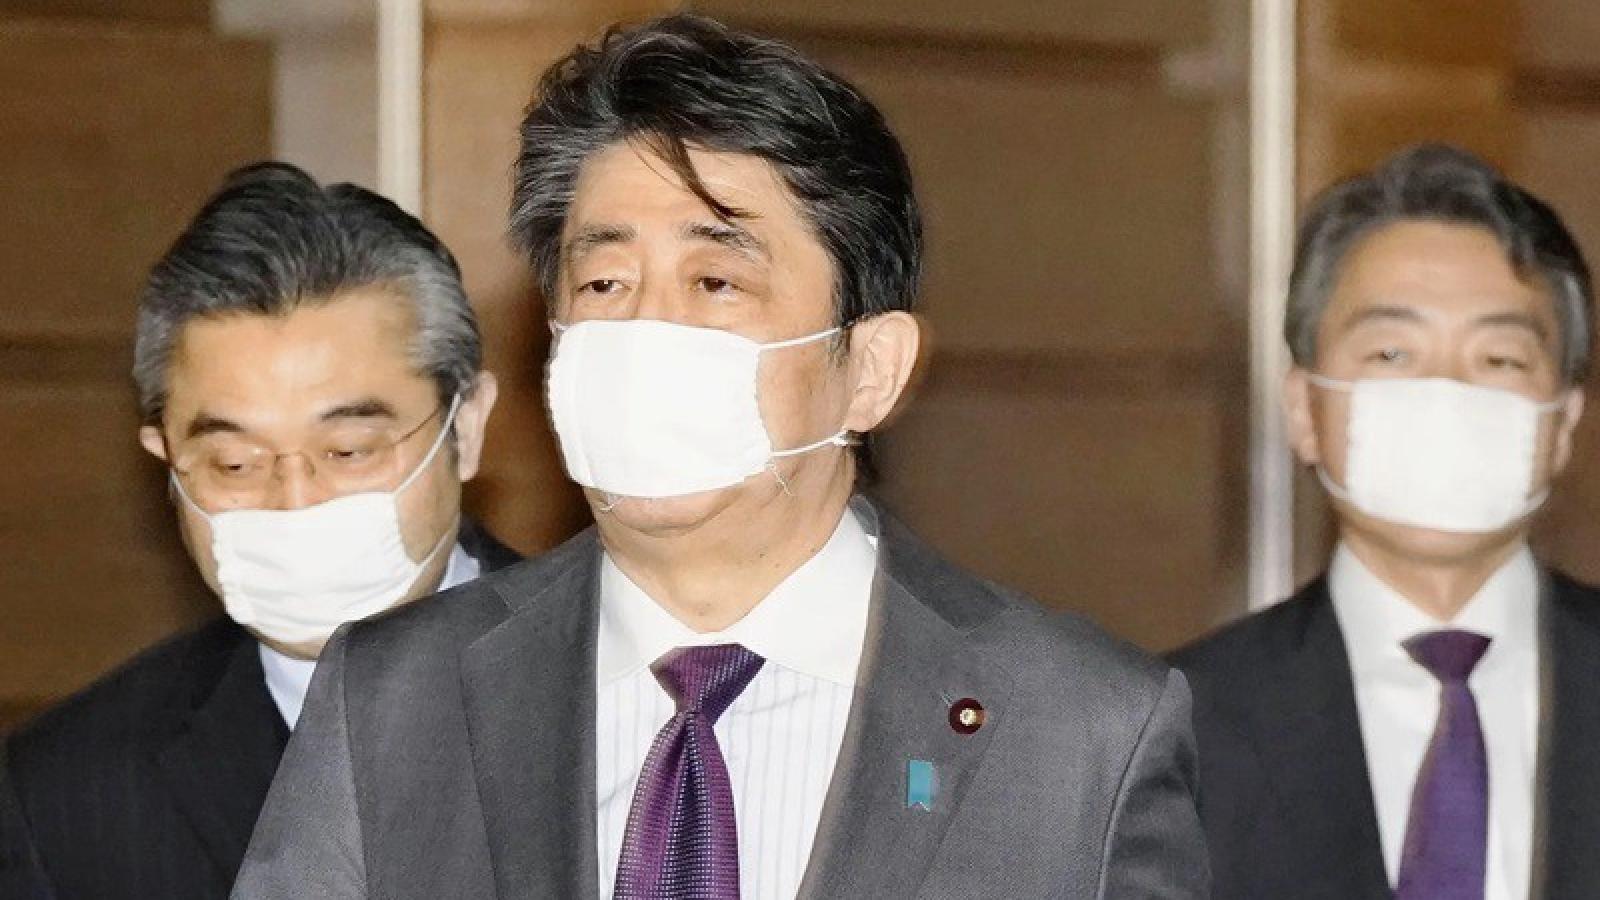 Đại dịch Covid-19 làm giảm tỷ lệ ủng hộ chính phủ Nhật Bản